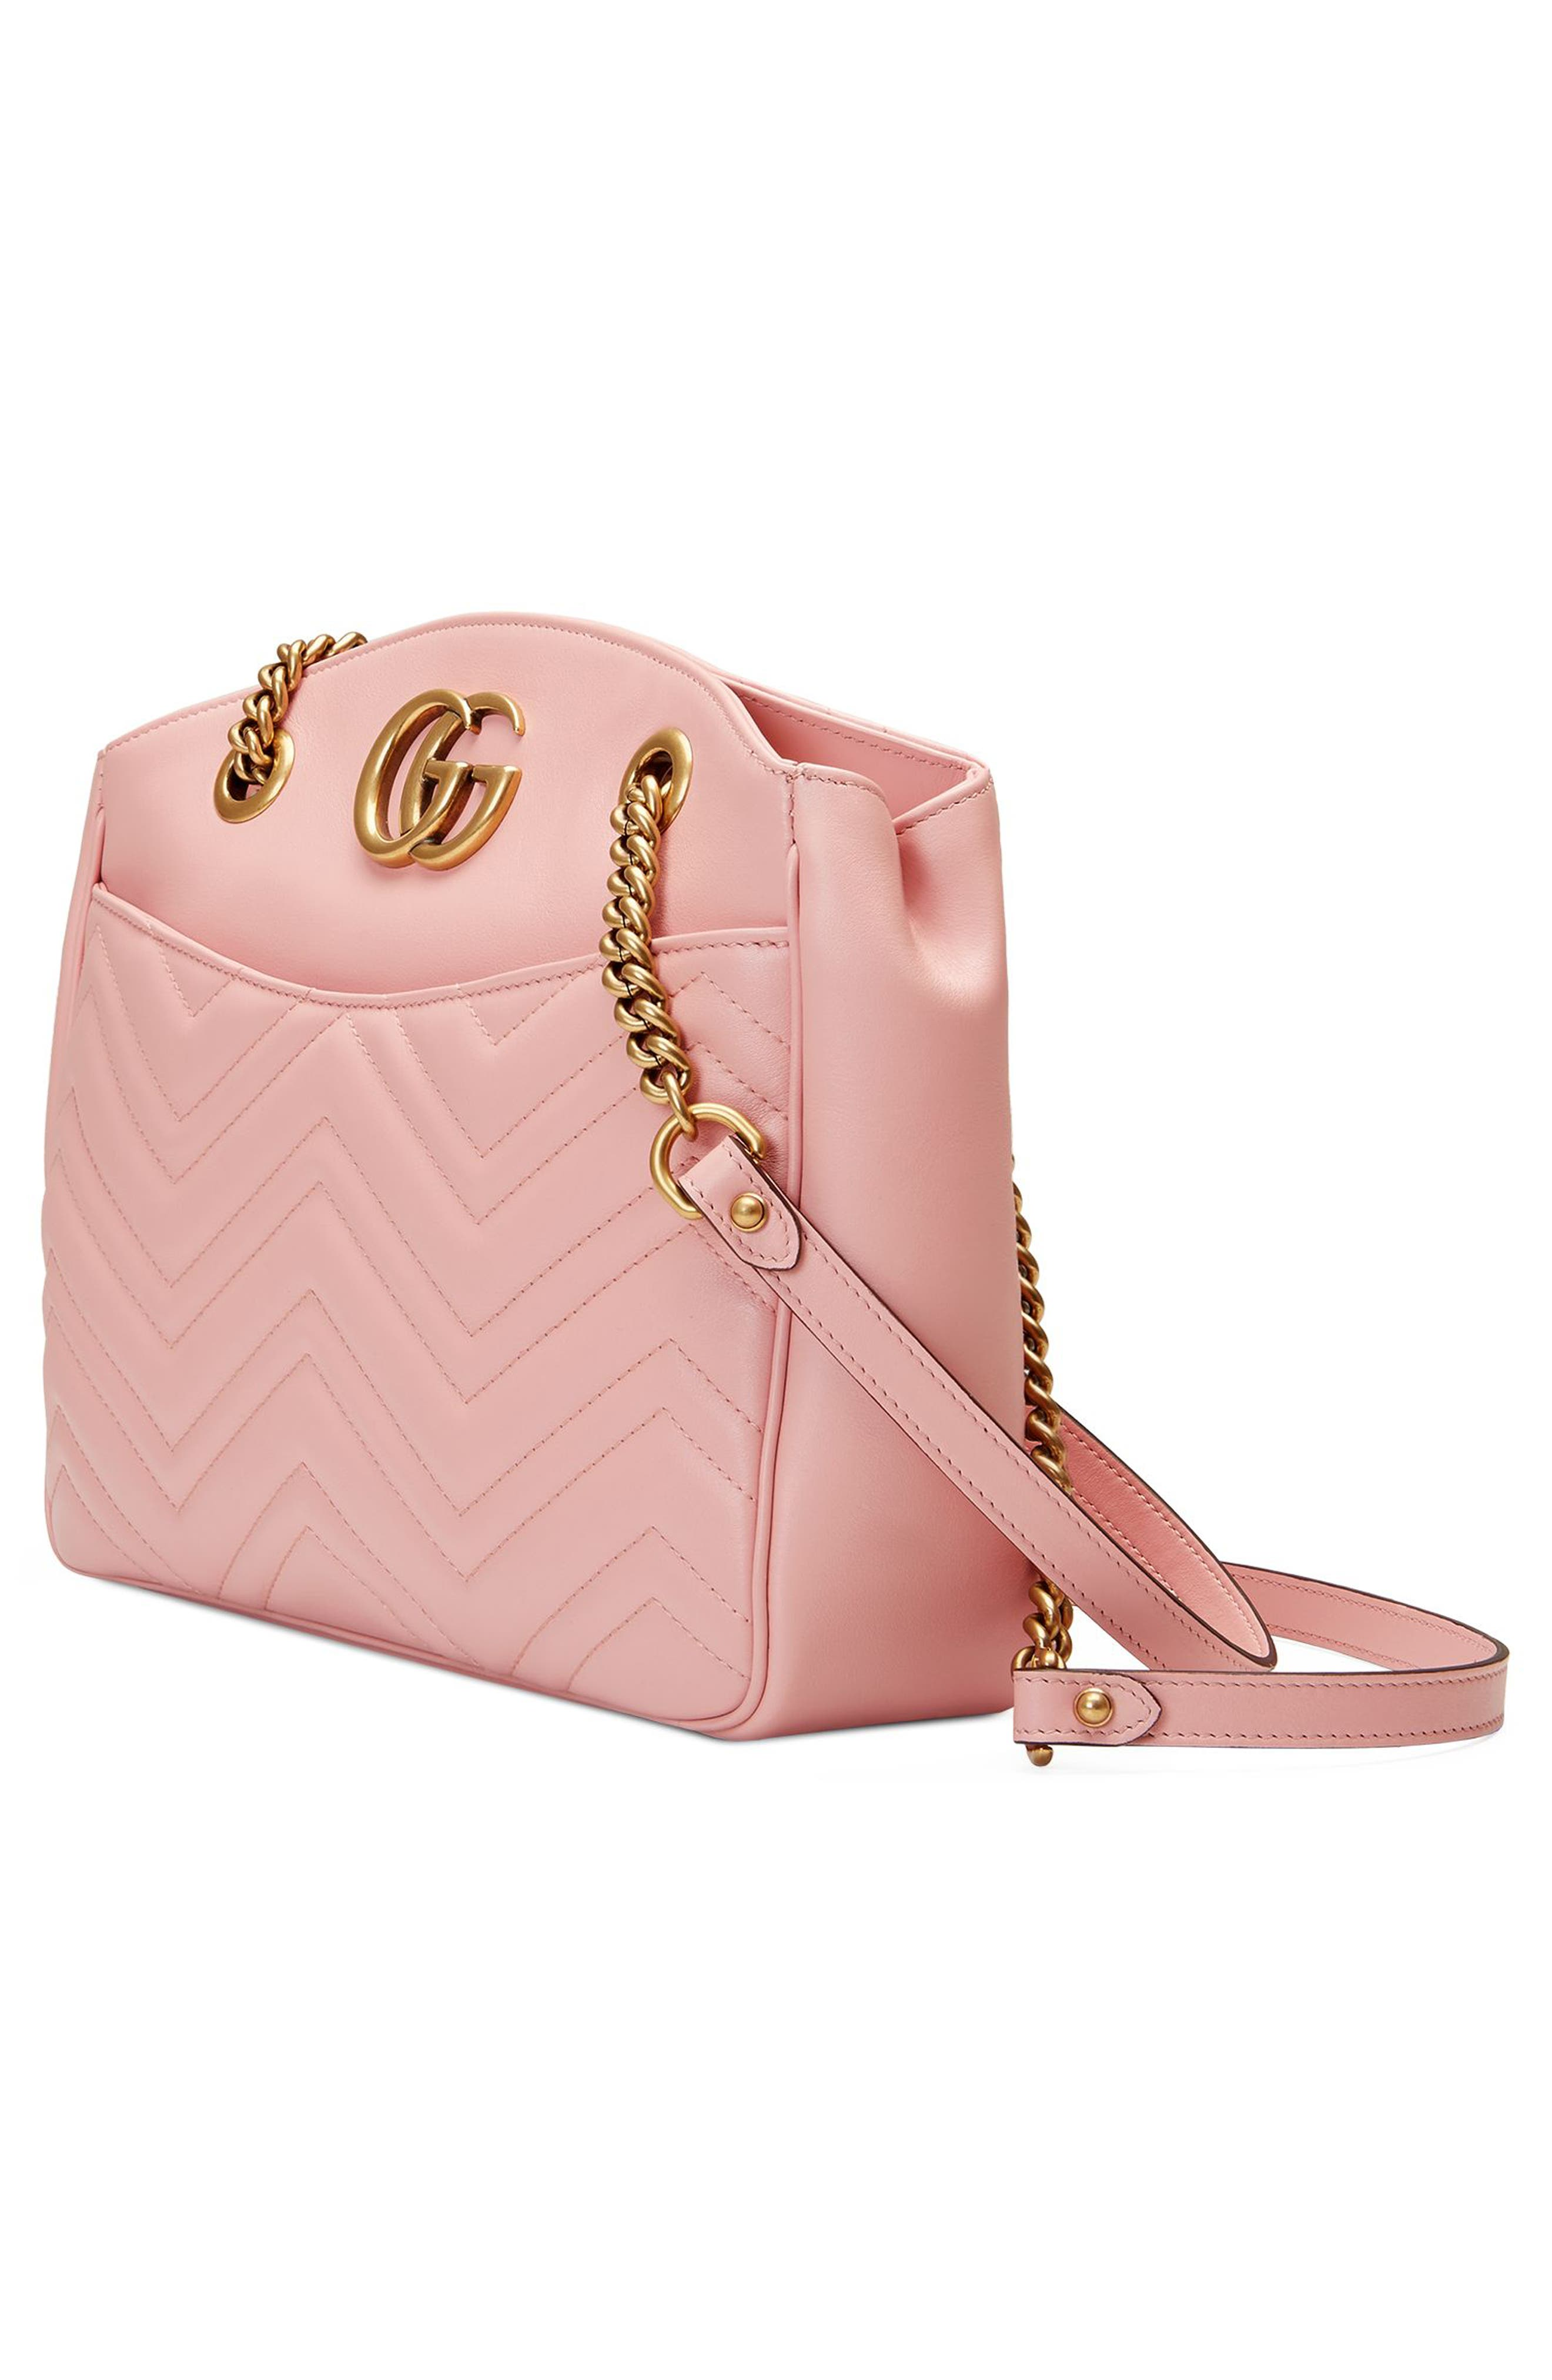 GG Marmont Matelassé Leather Shoulder Bag,                             Alternate thumbnail 4, color,                             Perfect Pink